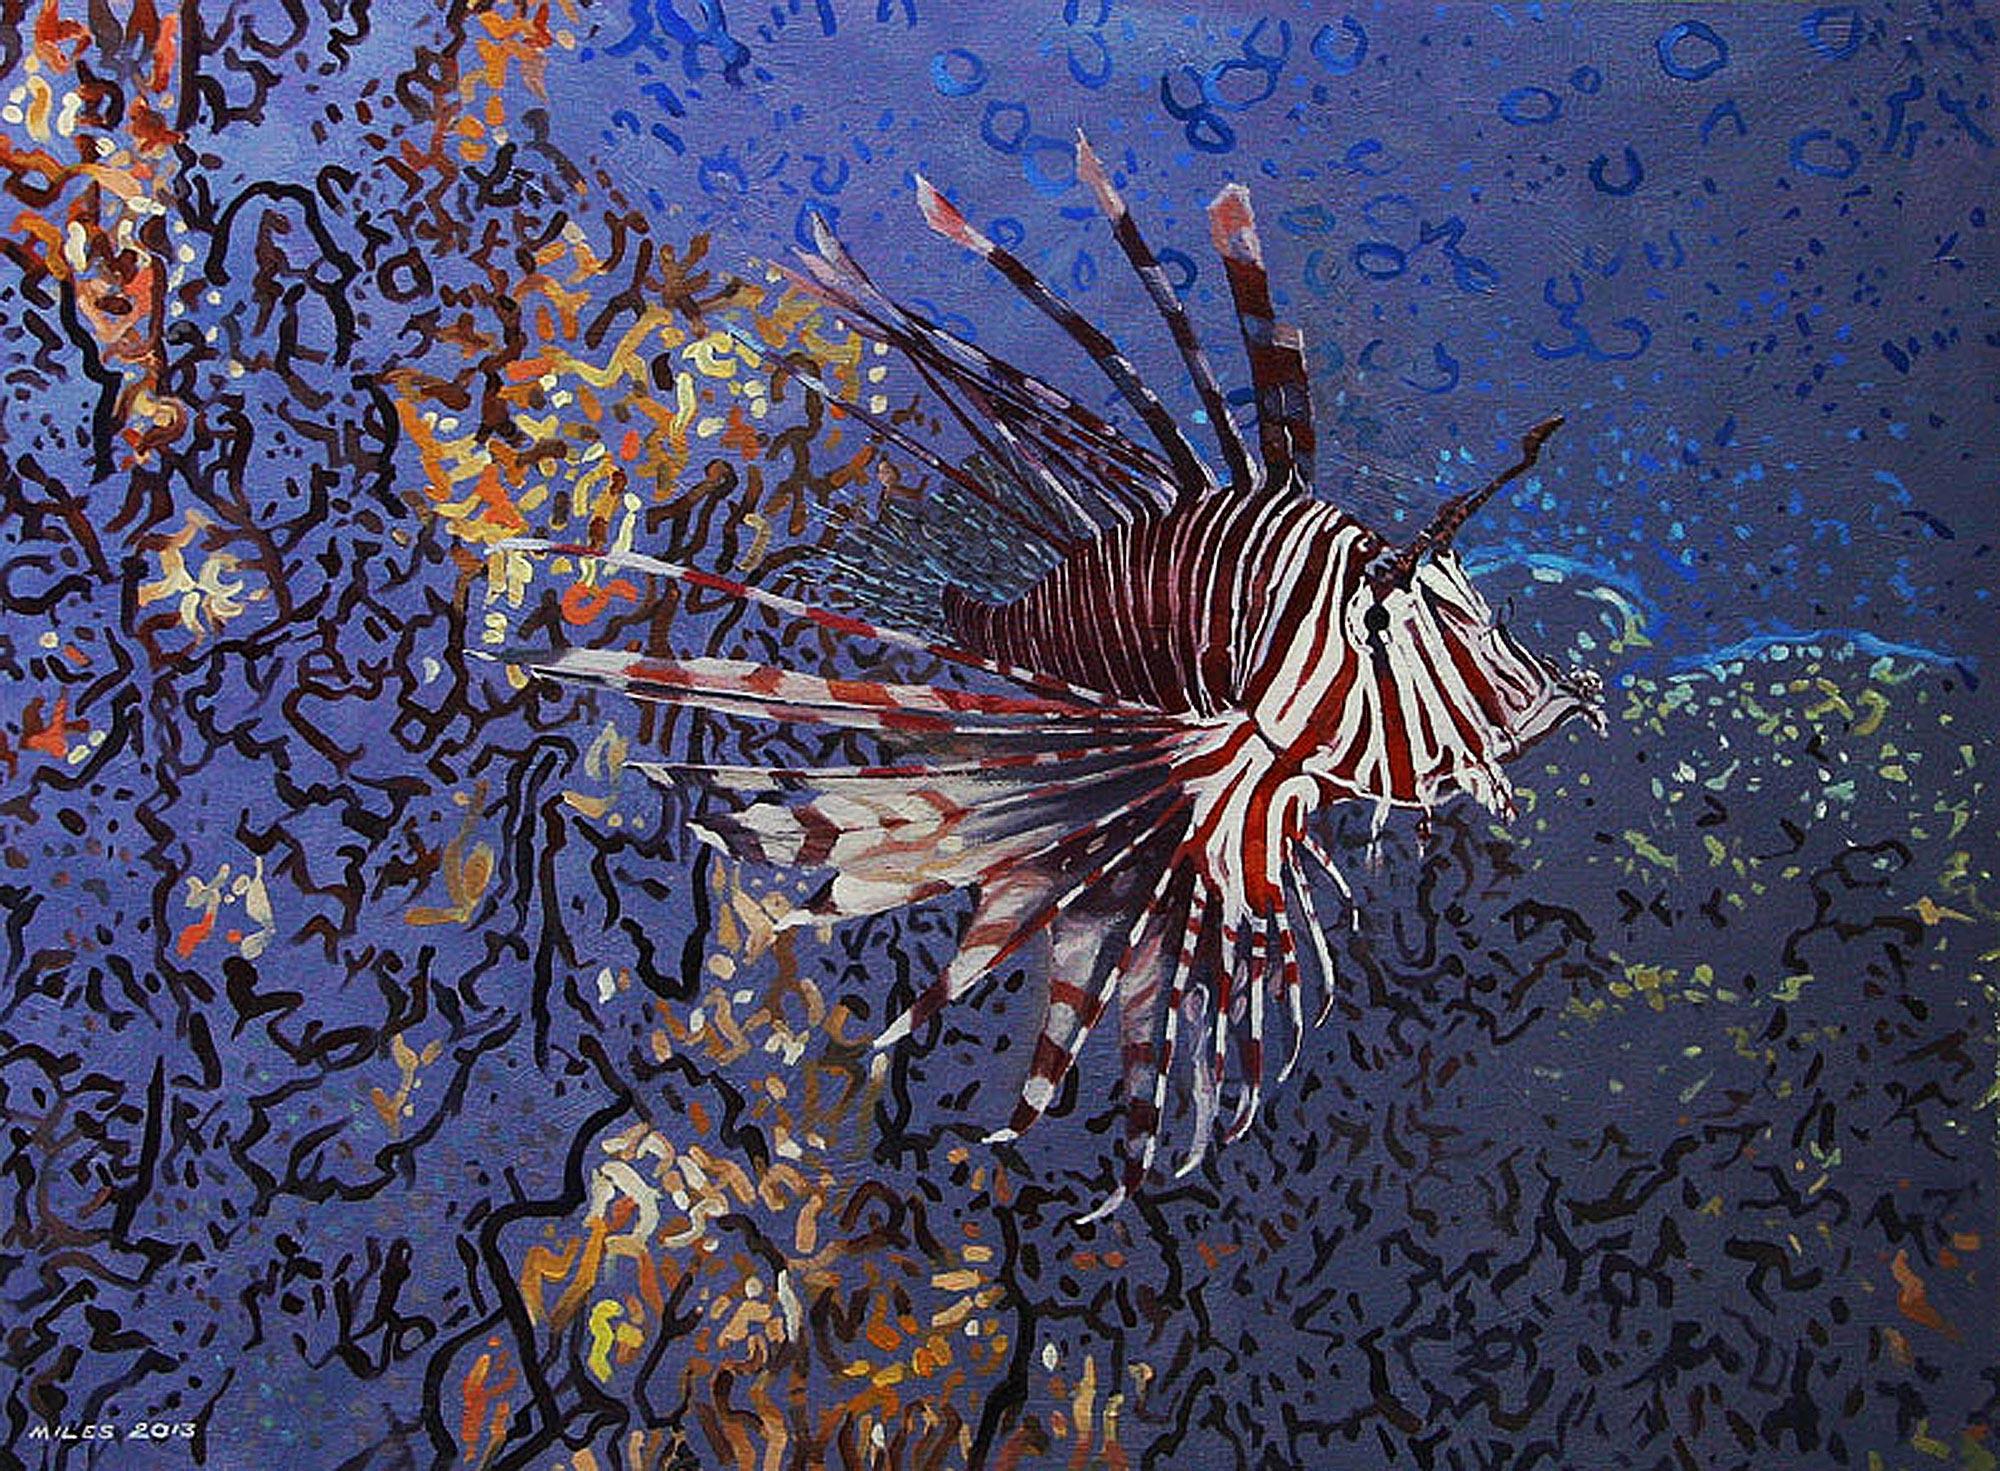 Gerry_Miles_divepaint_underwater_paintings_Lionfish.jpg